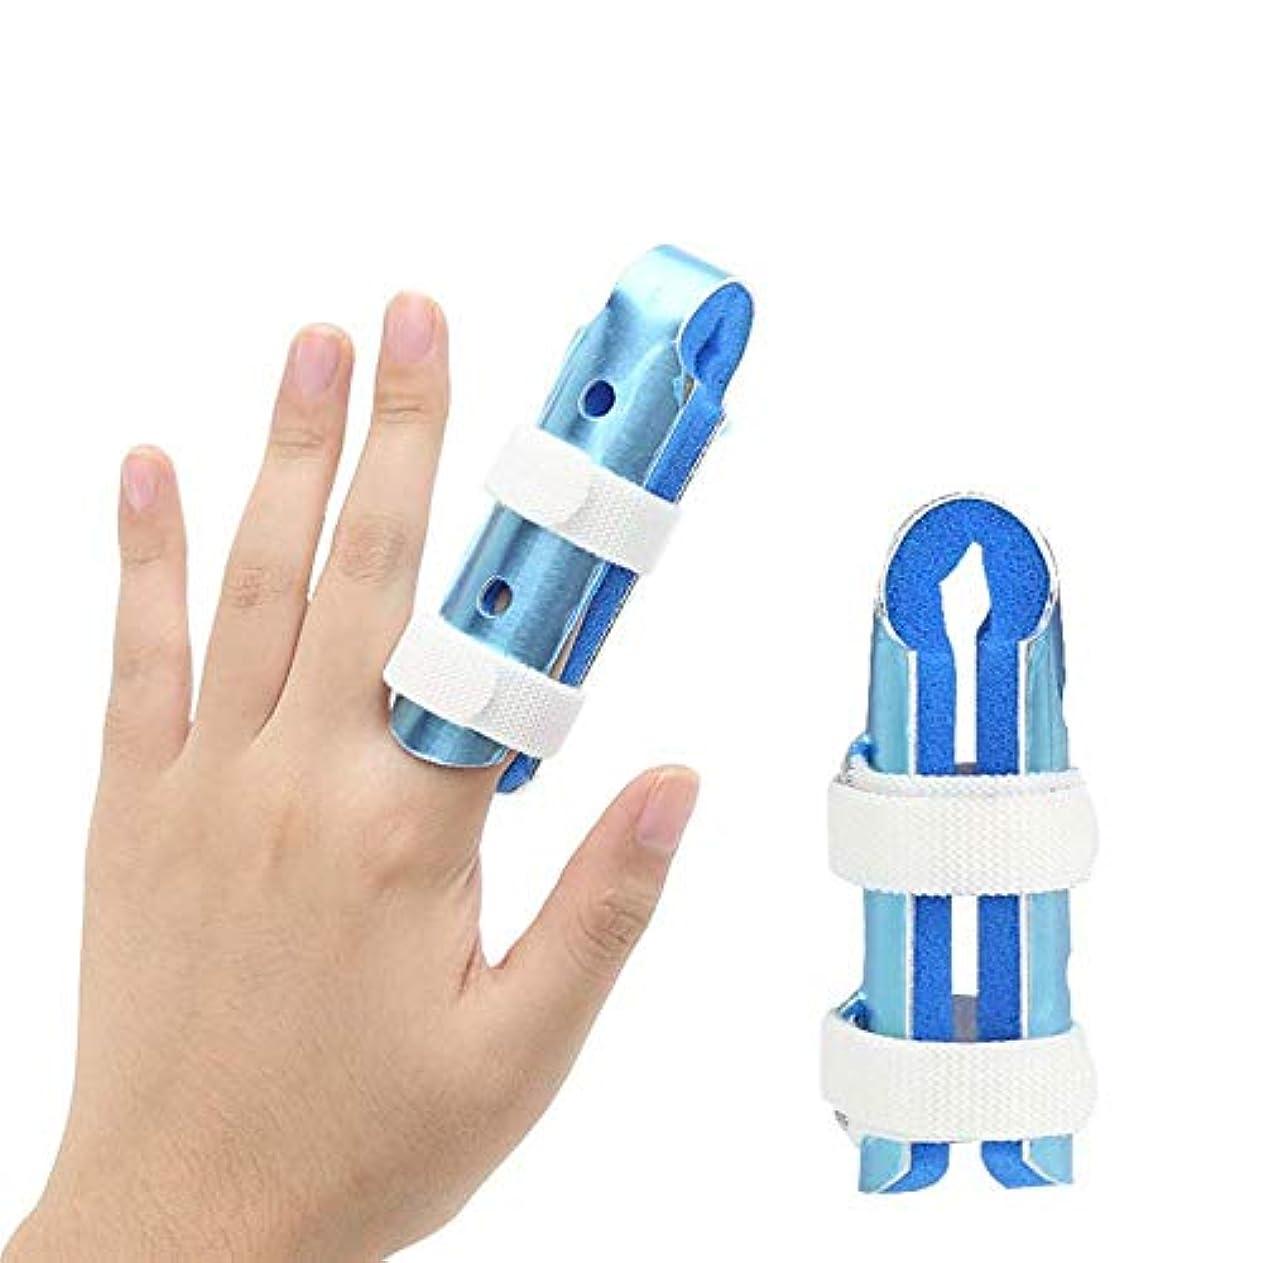 穏やかなネブ水っぽい指の損傷のサポート、トリガーフィンガースプリントの動きフィンガージョイント装具クラッシュプロテクター,8CM